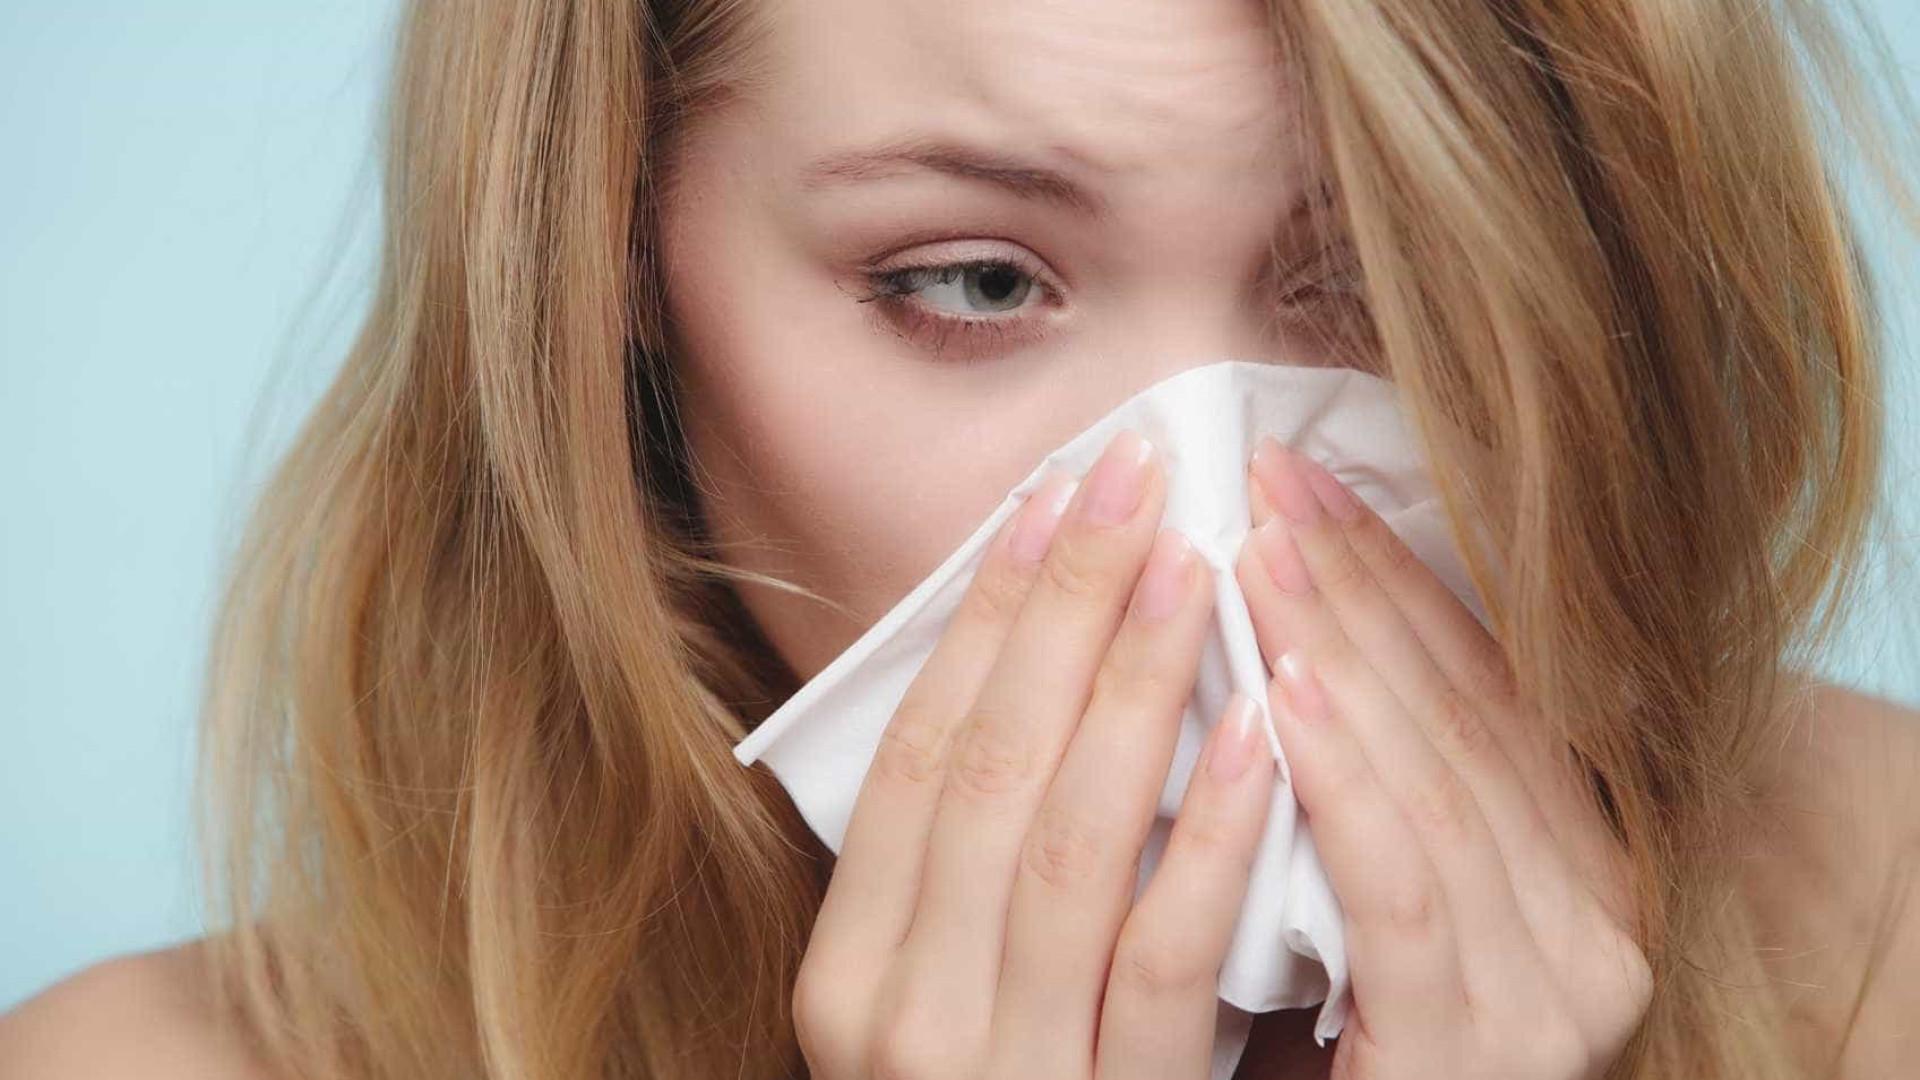 Rinite e sinusite: saiba o que são e como tratá-las